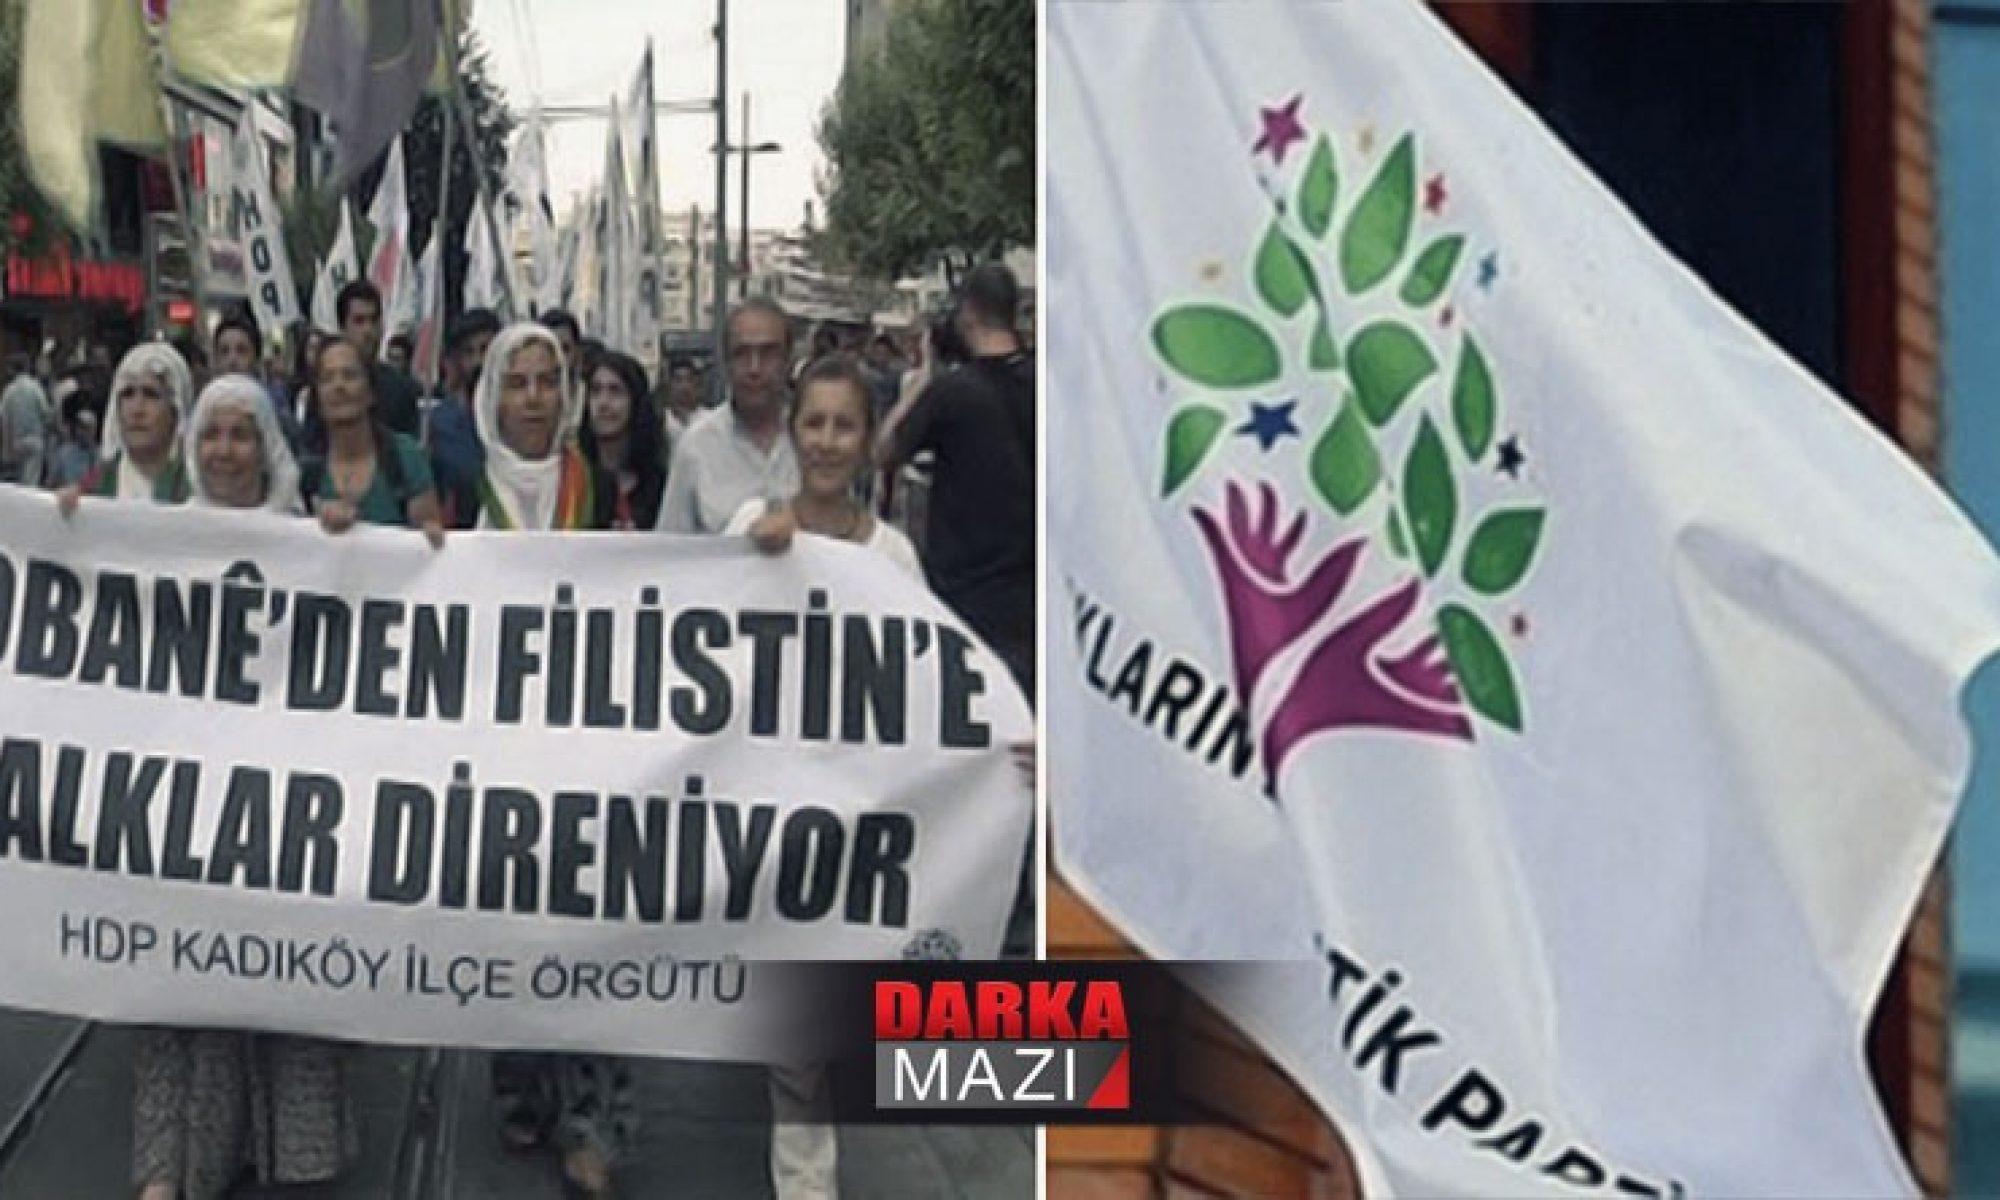 HDP'ten Kürdistana Türkiyelileşme, Filistin'e Devlet çözümü